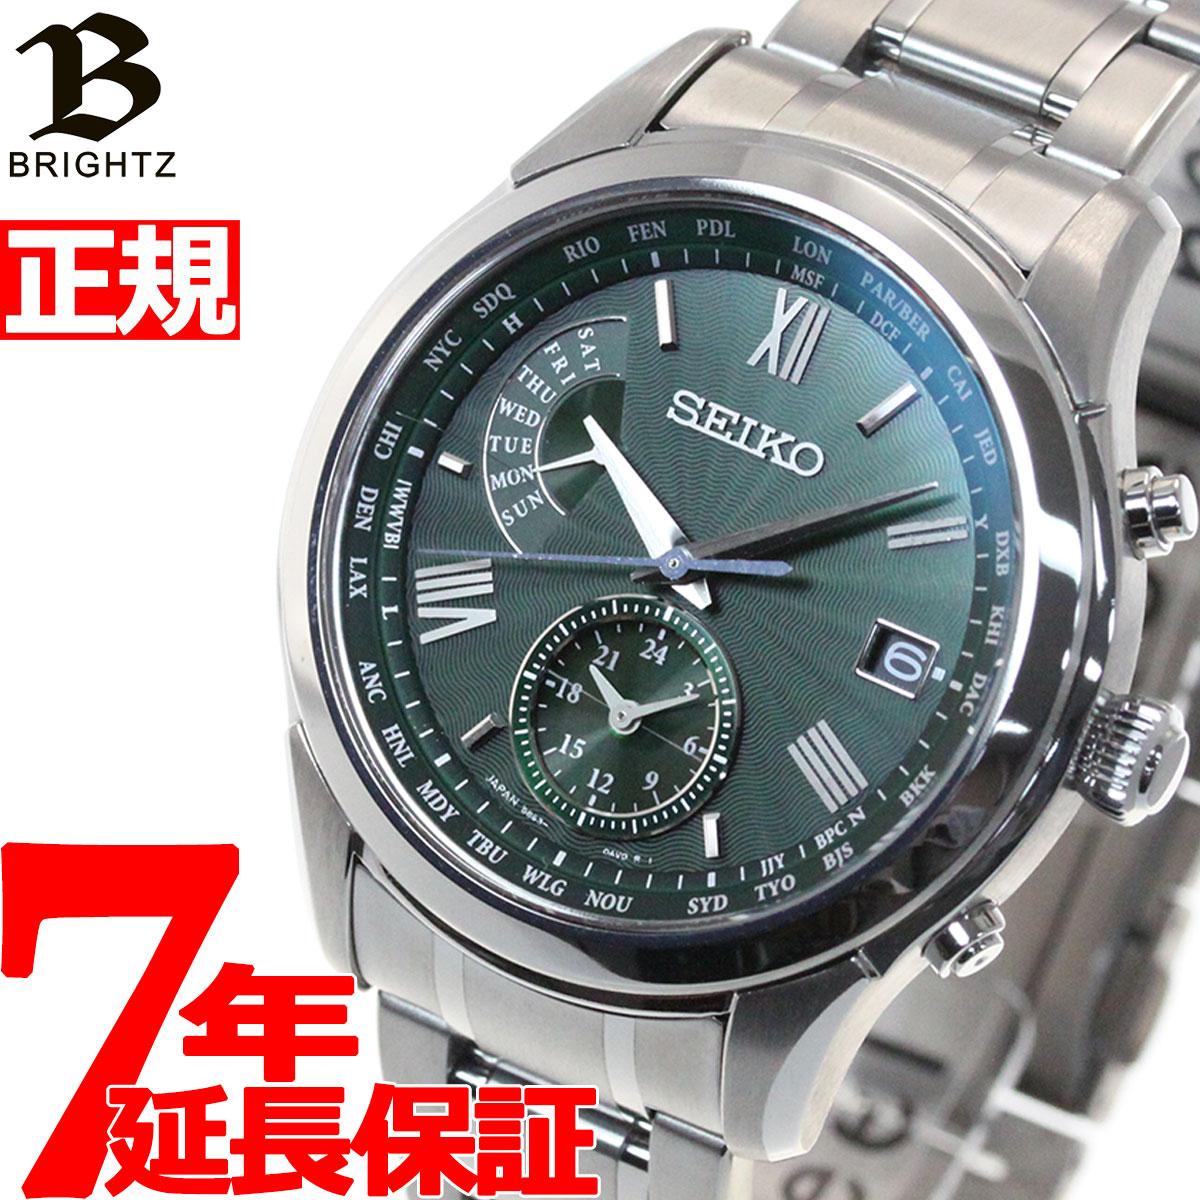 腕時計, メンズ腕時計 18037182359 SEIKO BRIGHTZ SAGA3072020